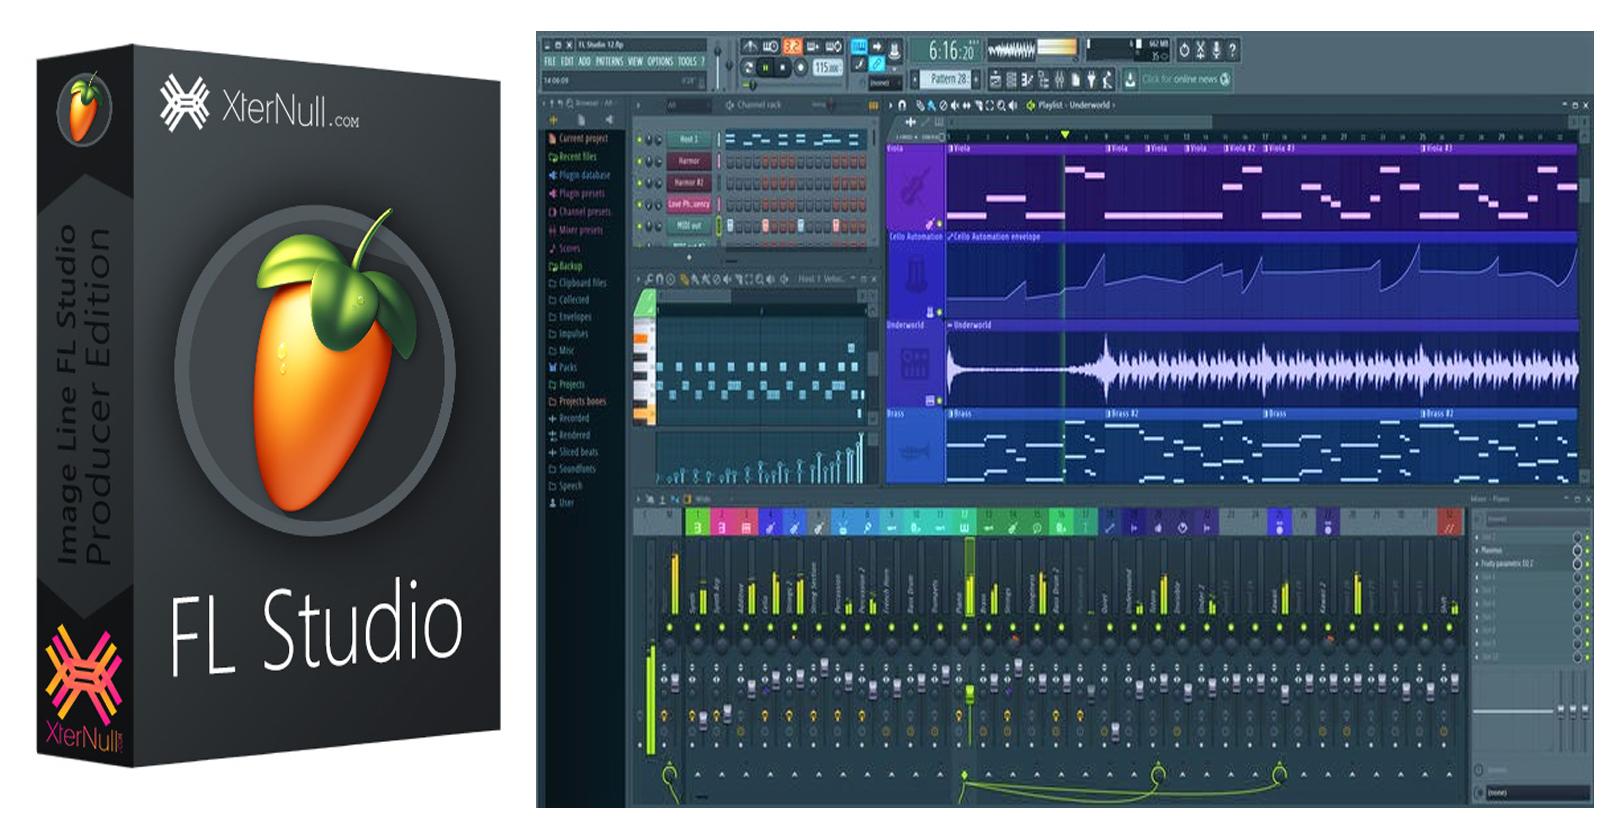 Cara Install FL Studio 20 Full Version Gratis